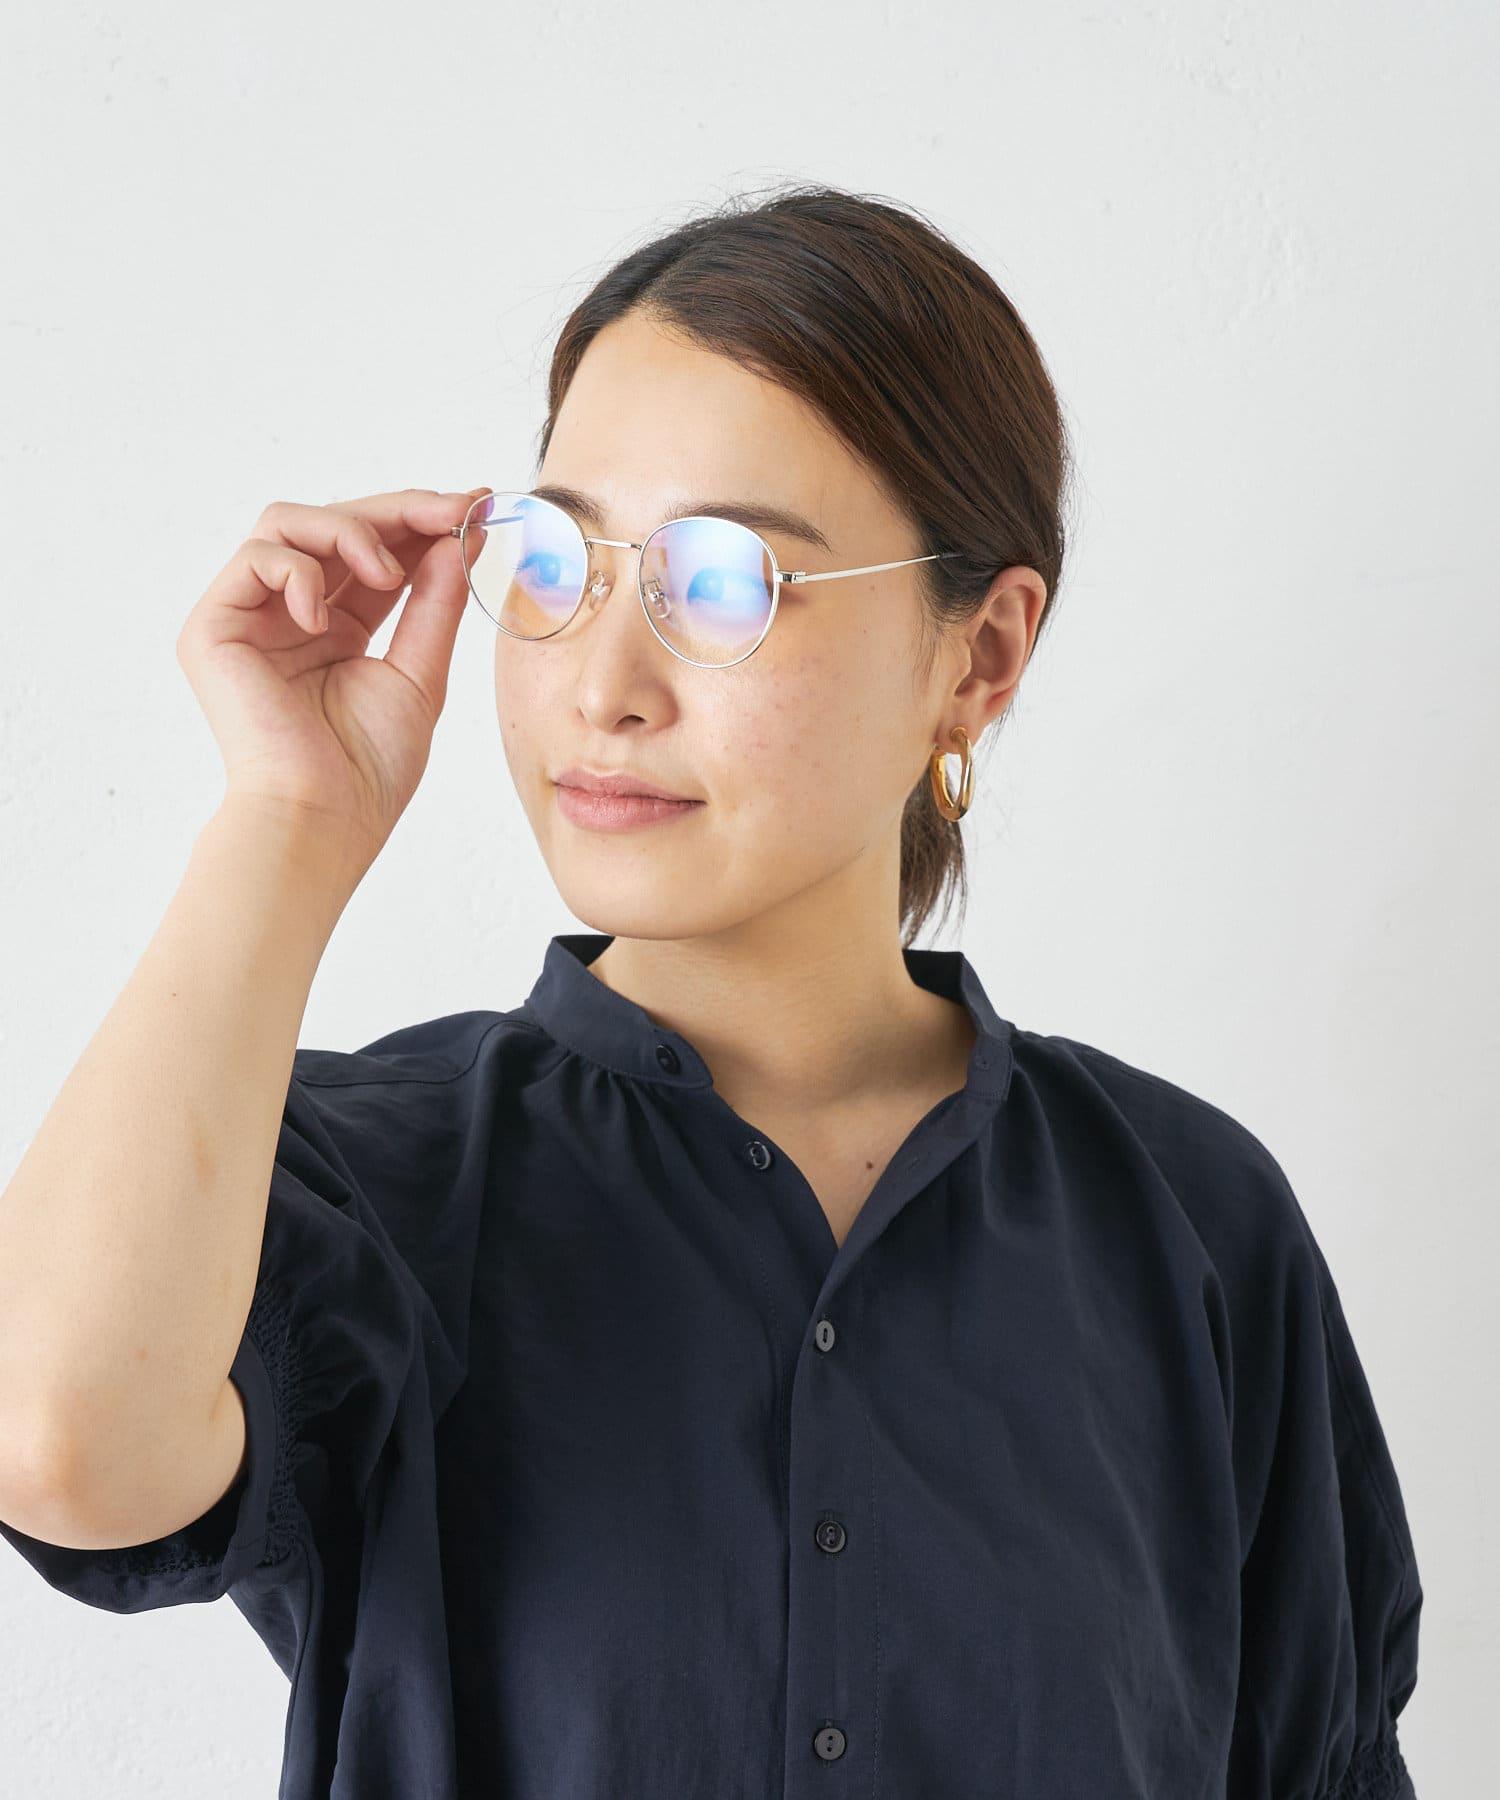 BONbazaar(ボンバザール) 【Edge Style】PC glasses ESPC202-2